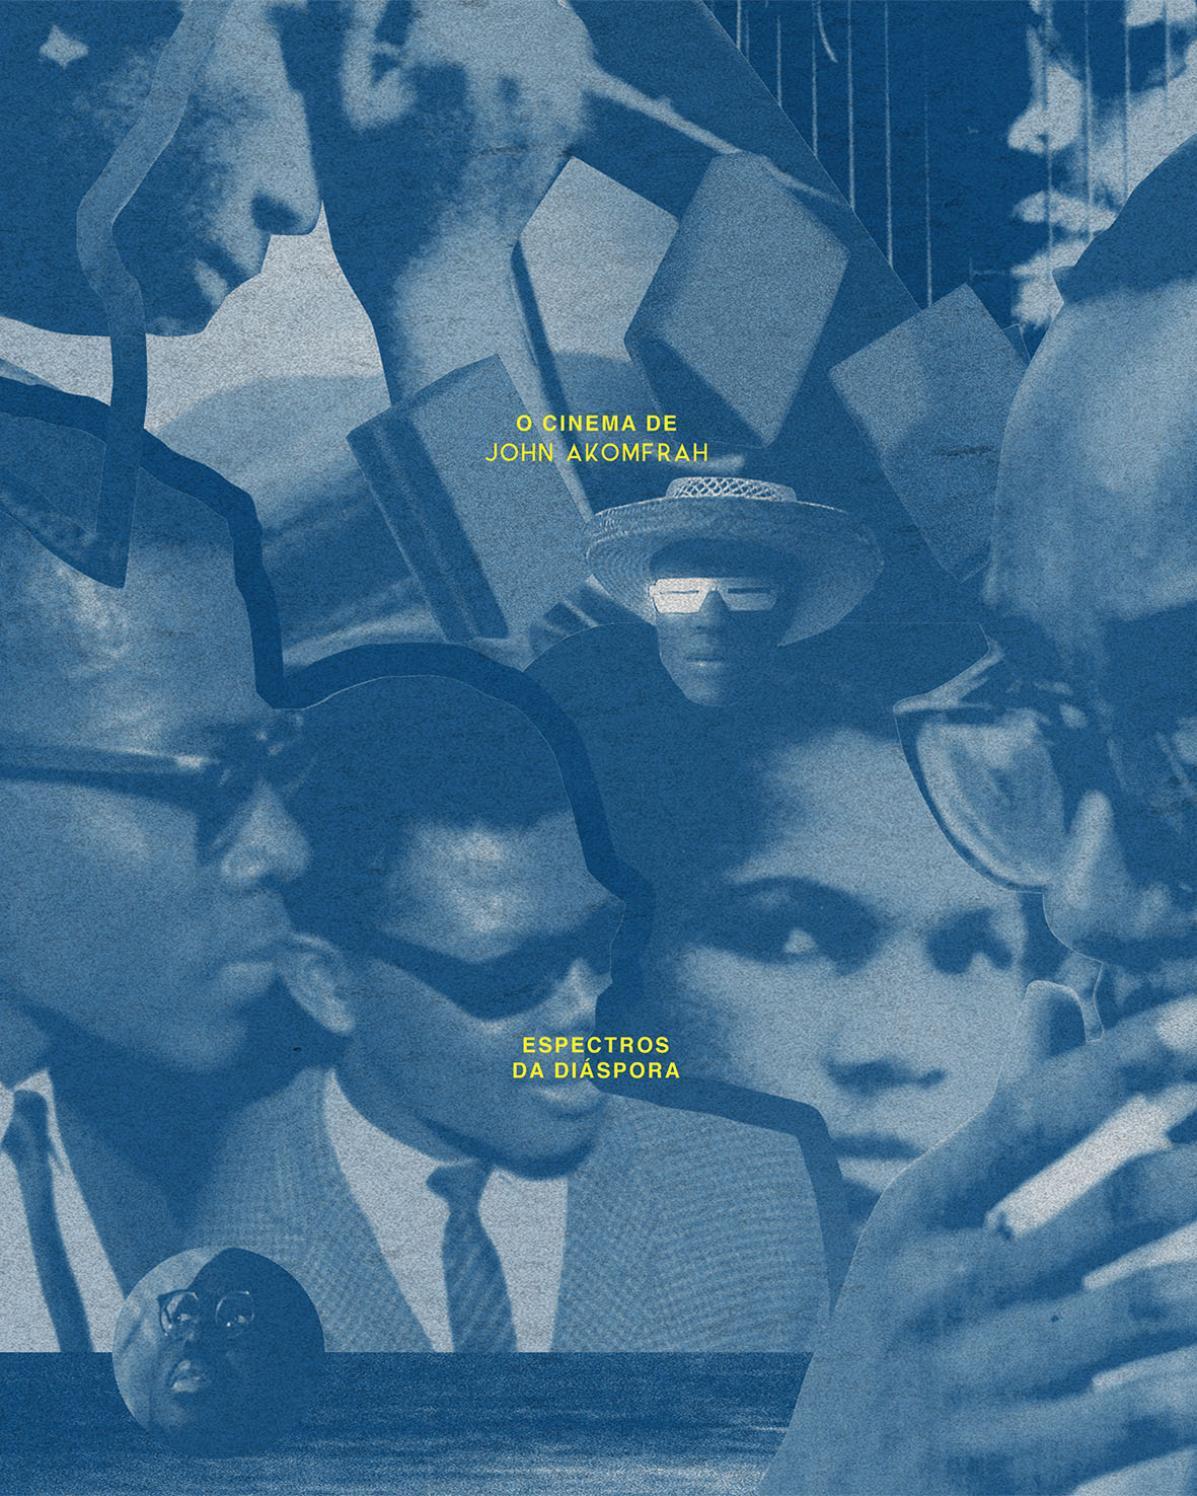 b18ff0b20 O Cinema de John Akomfrah – Espectros da Diáspora